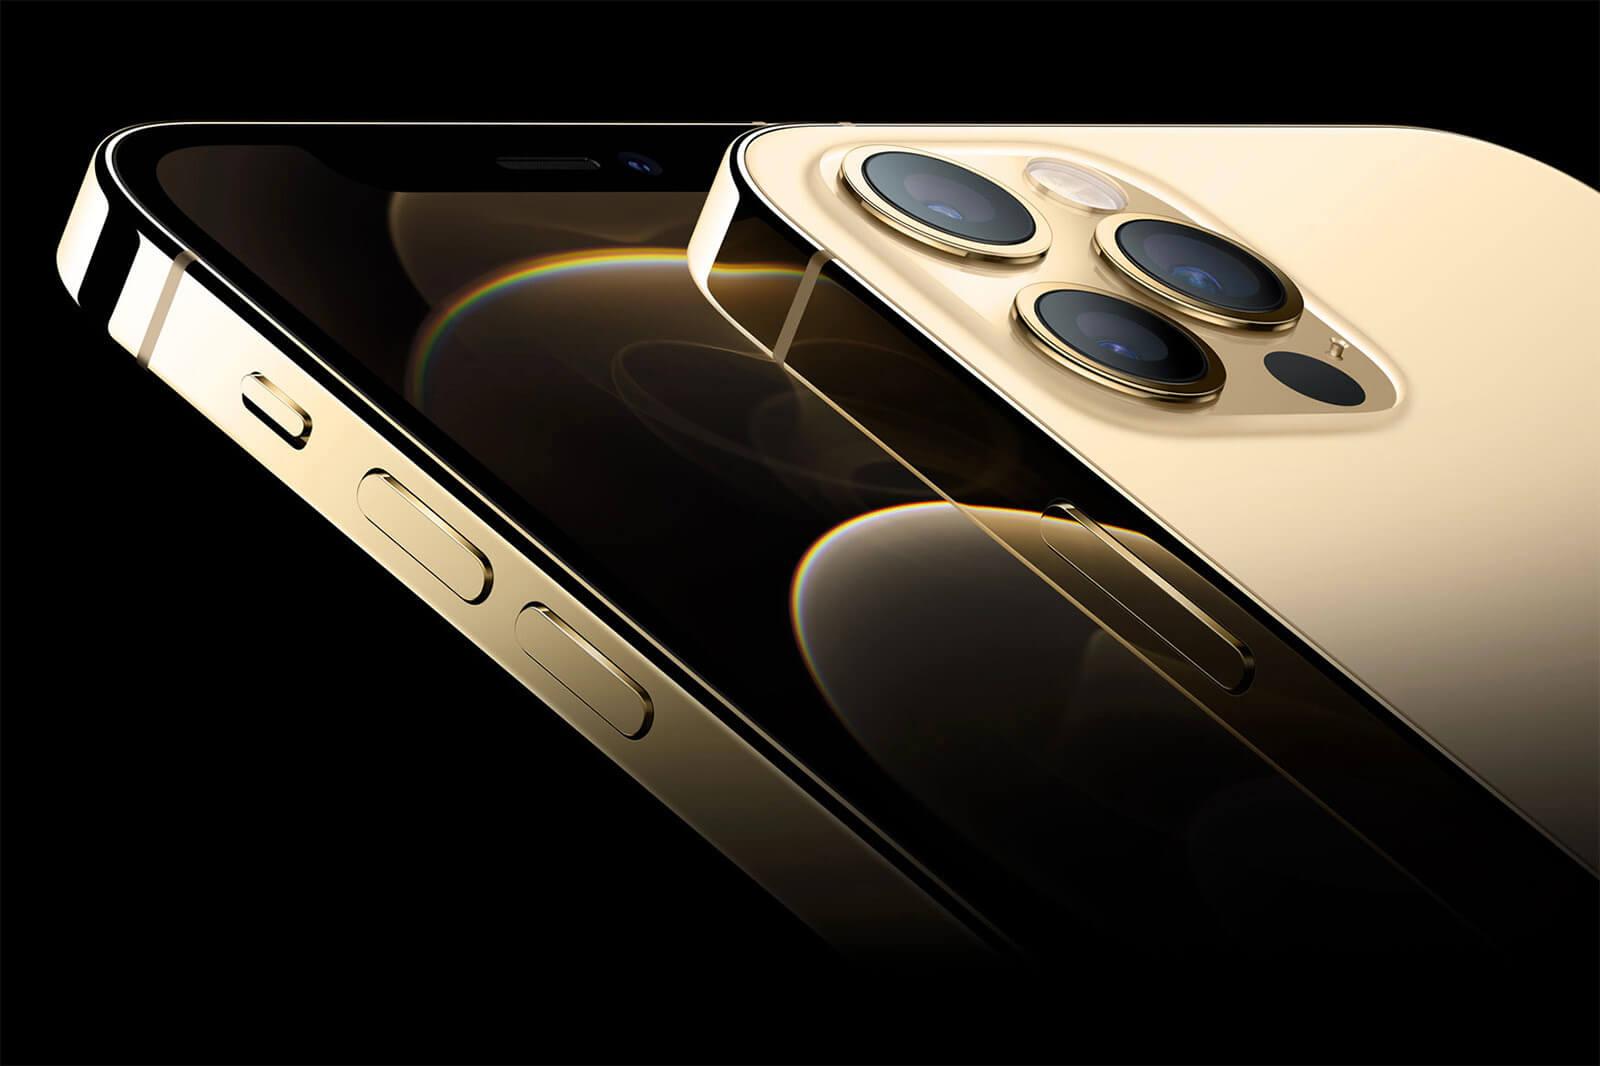 Best Camera Phones iPhone Pro Max